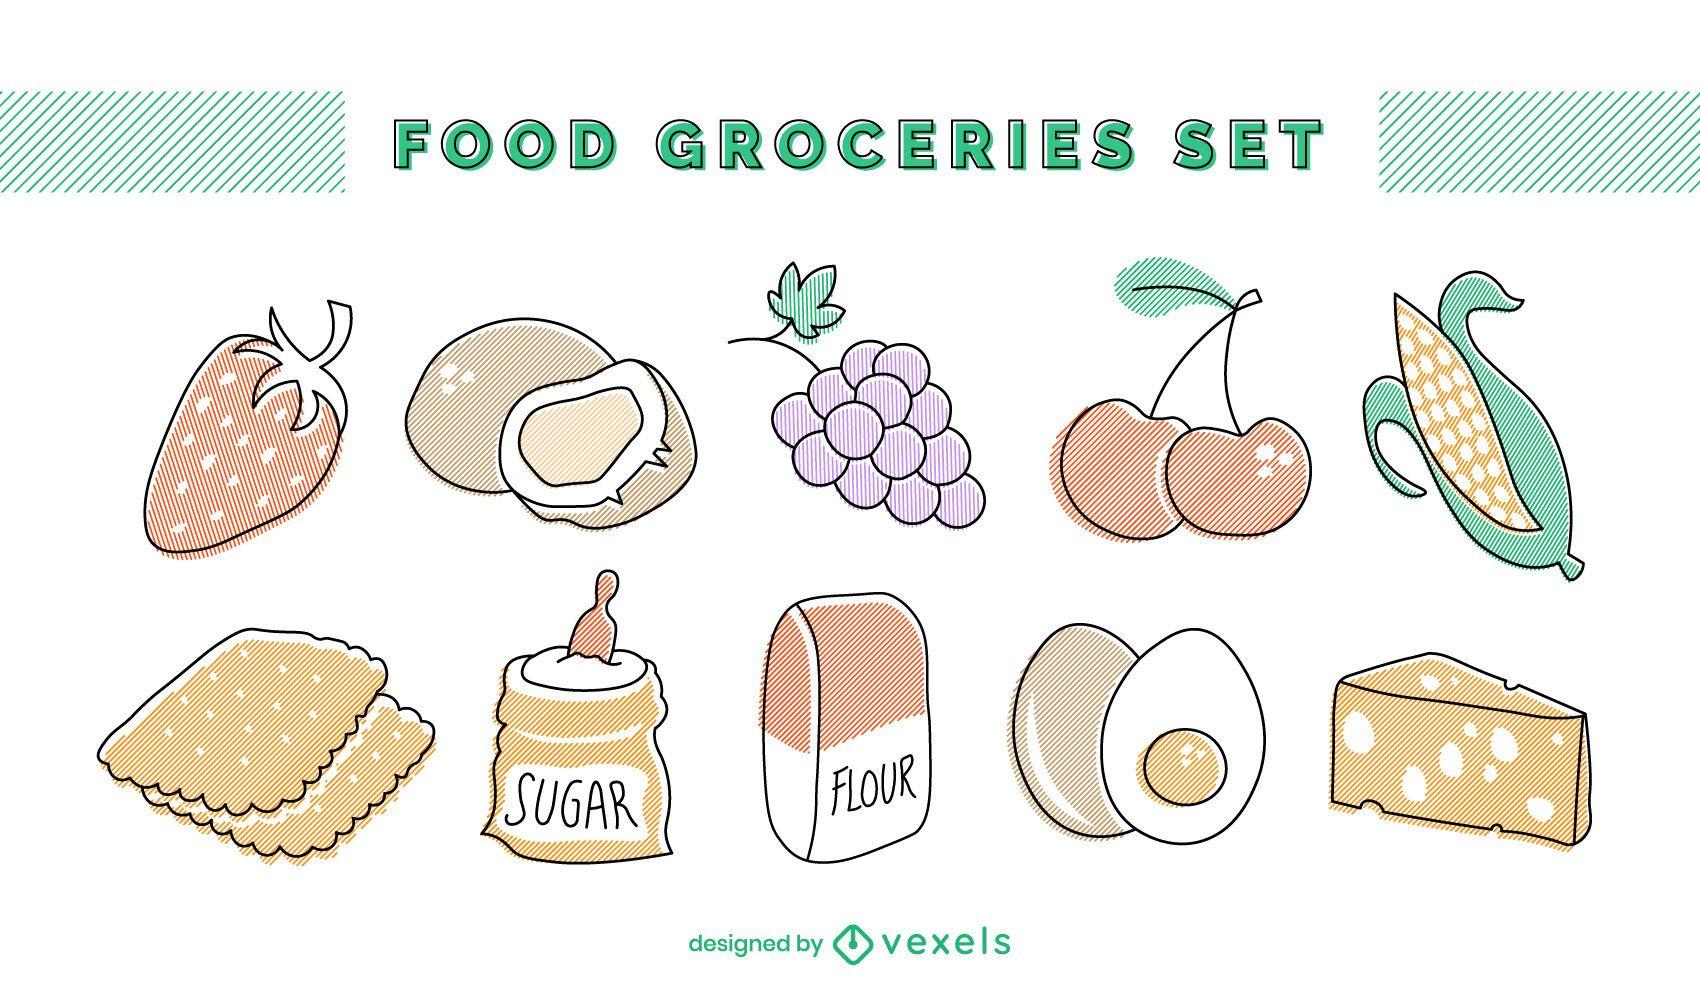 Food groceries set